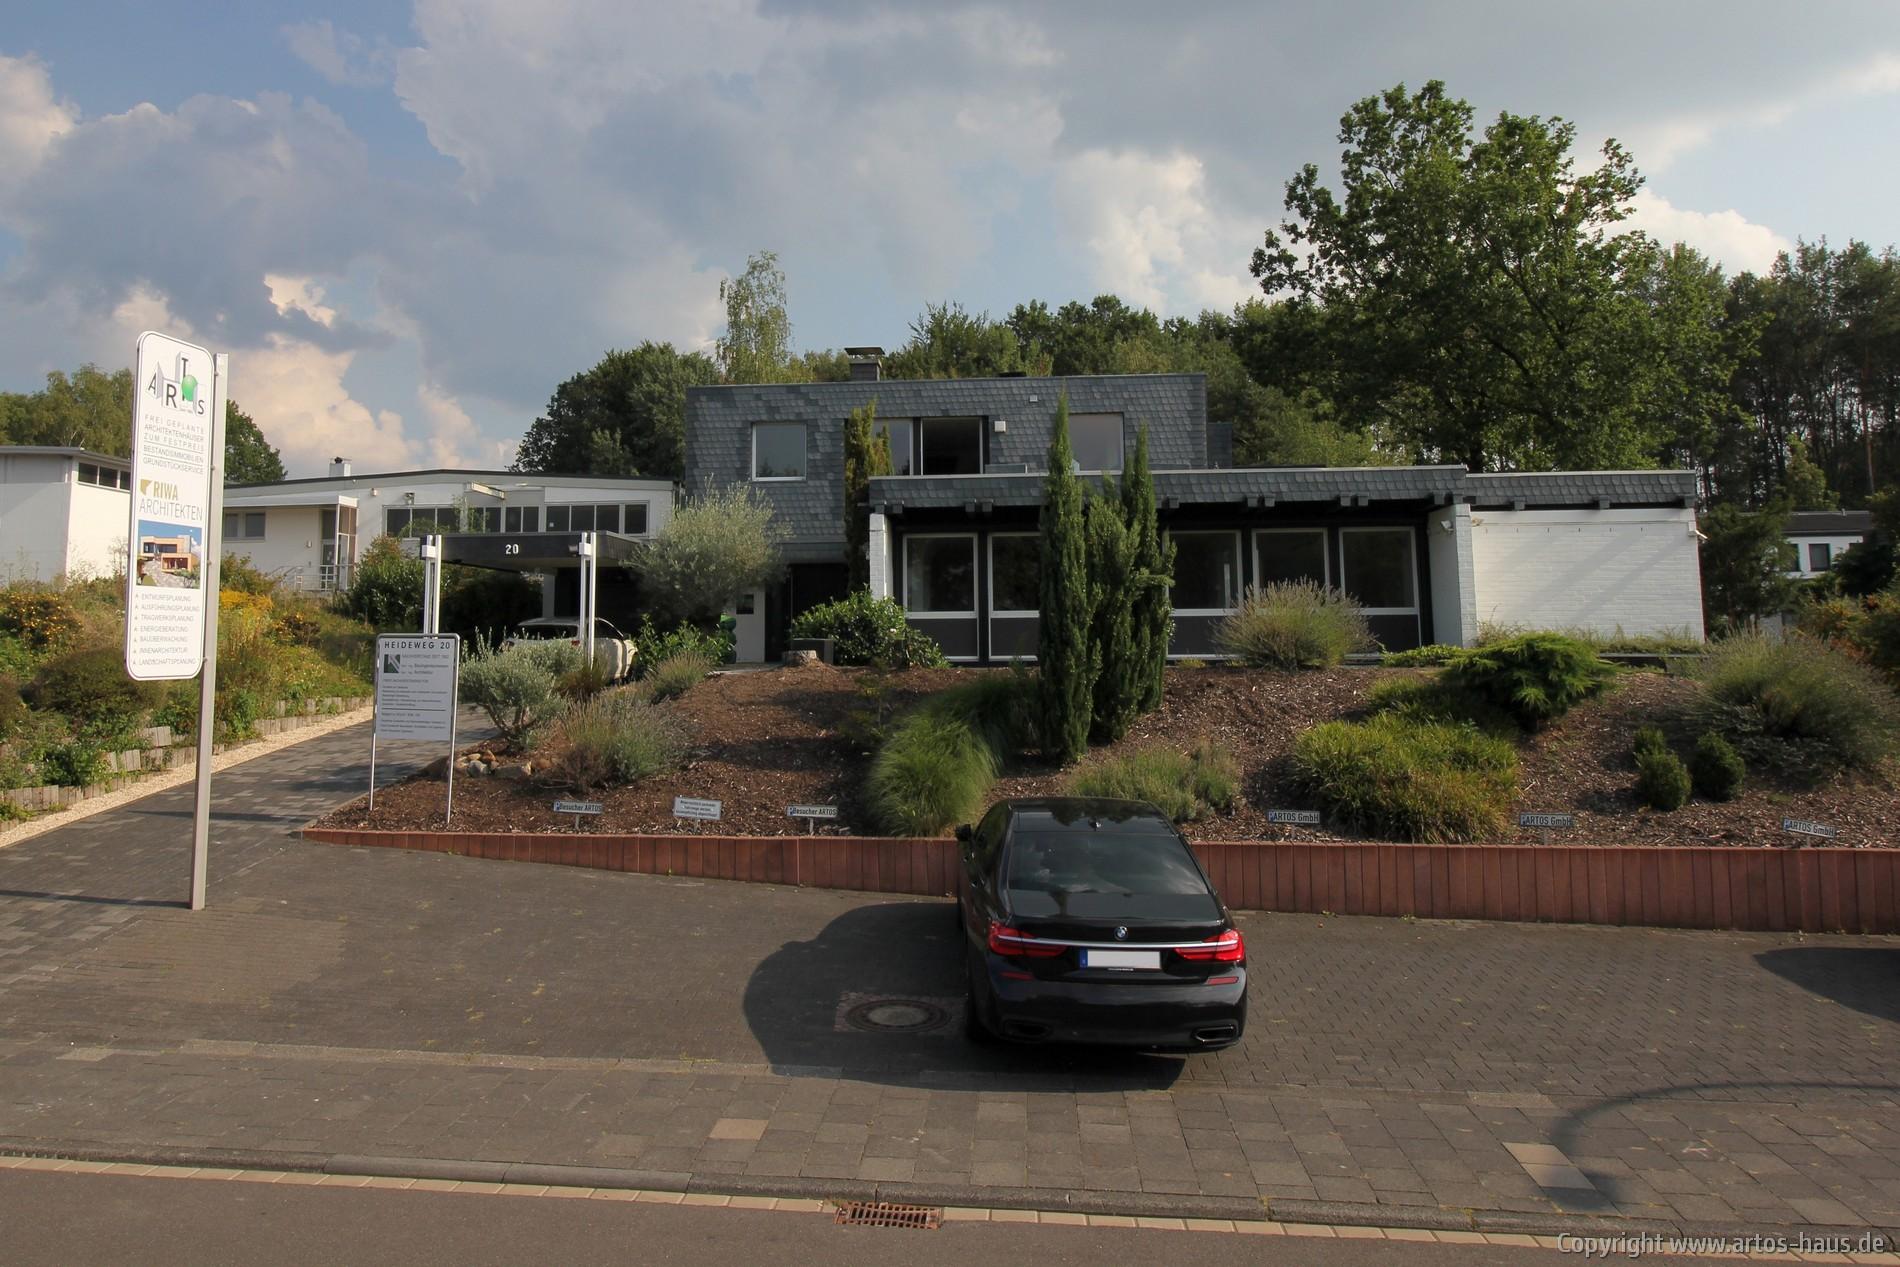 Artos Haus Bad Honnef